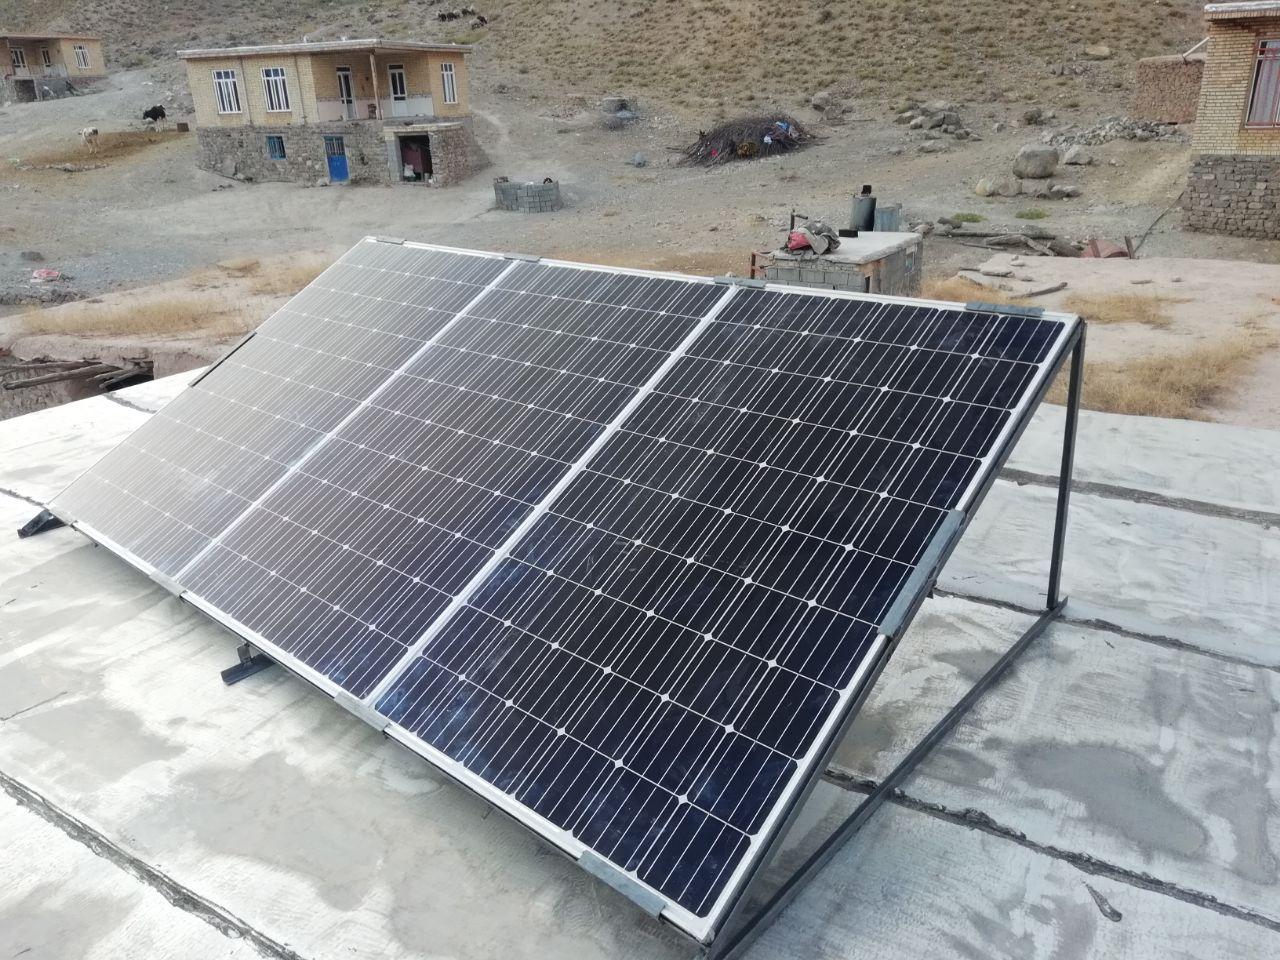 آموزش انرژی خورشیدی در مشهد